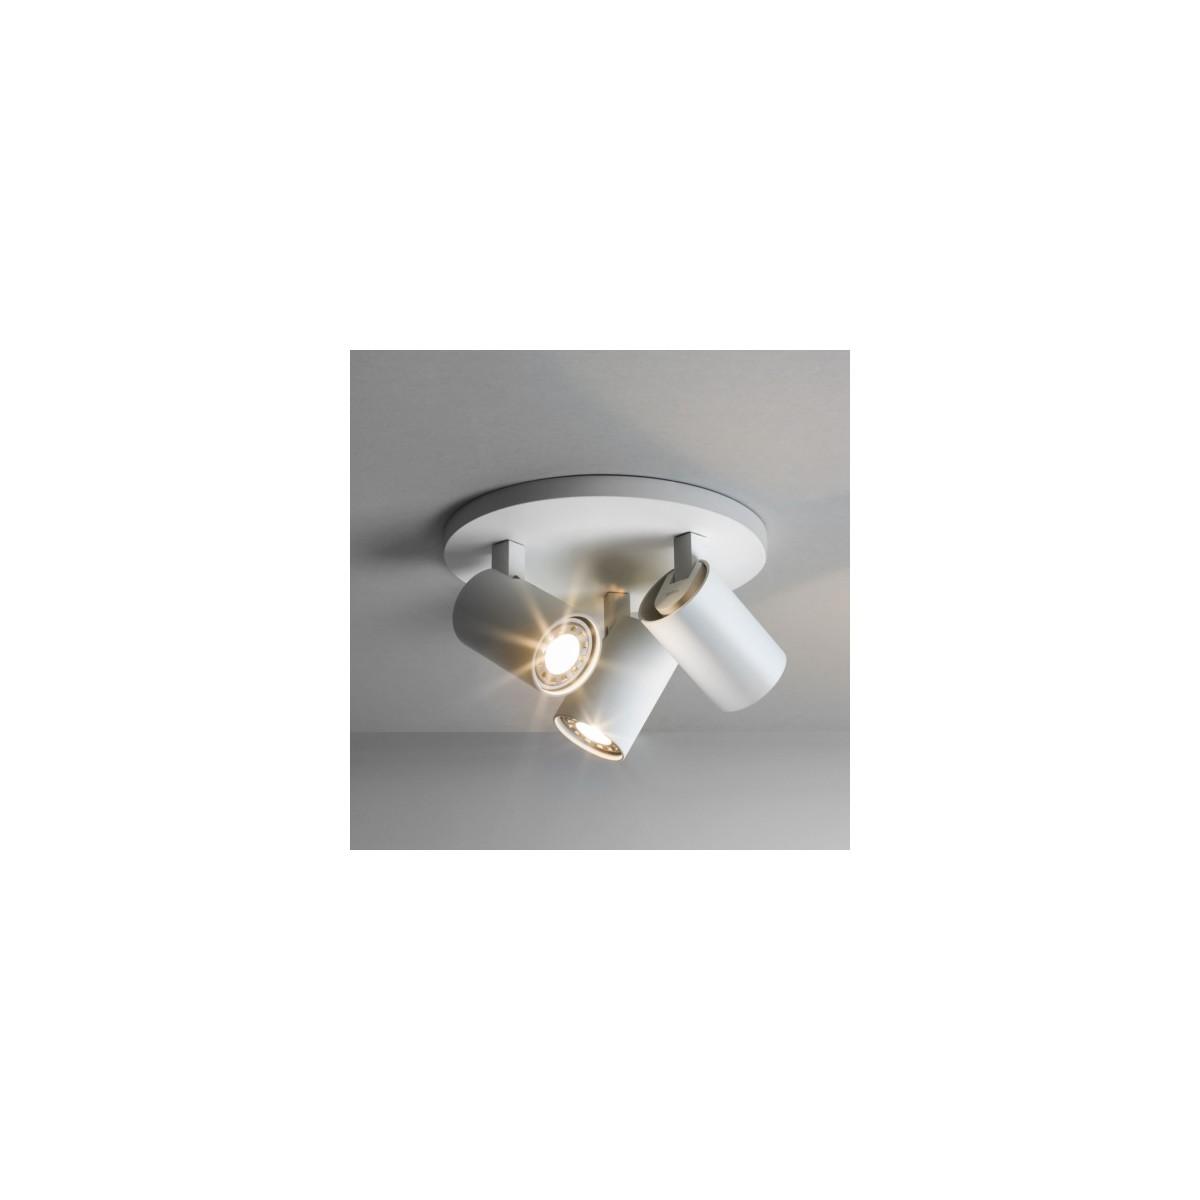 Astro Ascoli Triple Round Reflektor 3x50W Max GU10 Biały Struktura 1286002